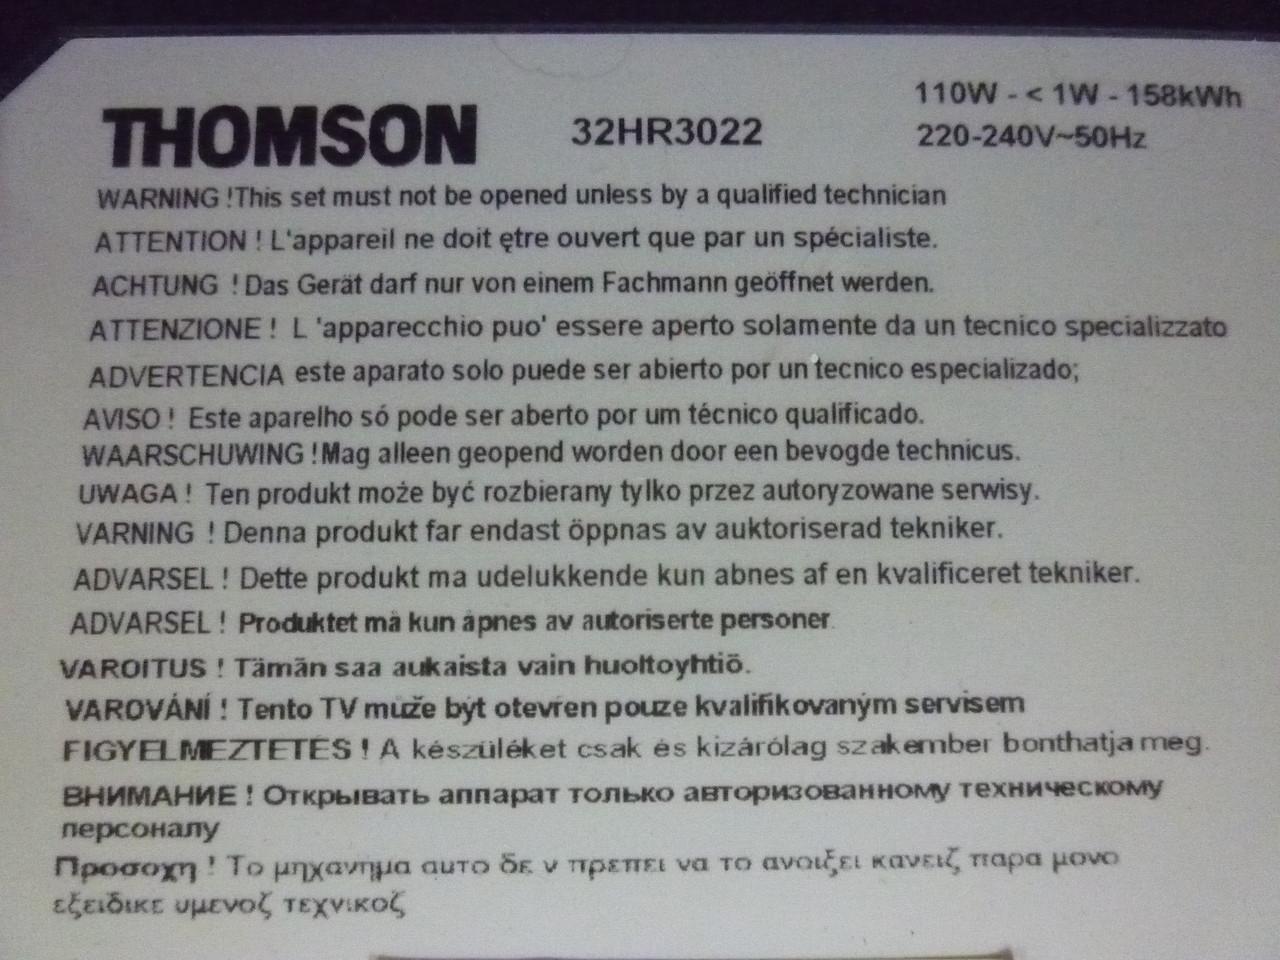 Плати від LCD ТЕЛЕВІЗОР Thomson 32HR3022 поблочно.